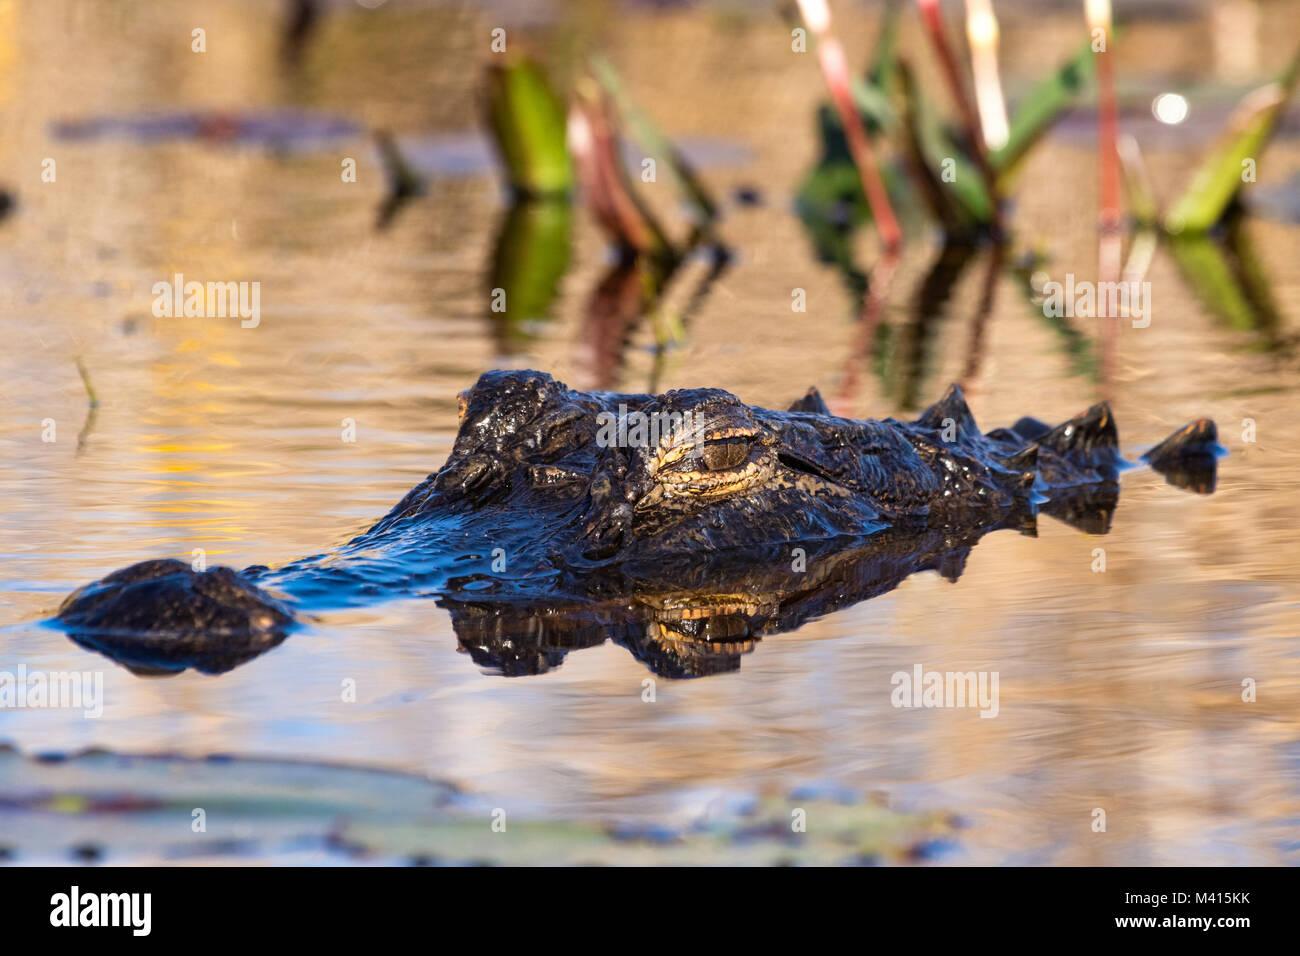 Eine amerikanische Alligator (Alligator mississippiensis) Festlegung tief im Sumpf. Stockbild